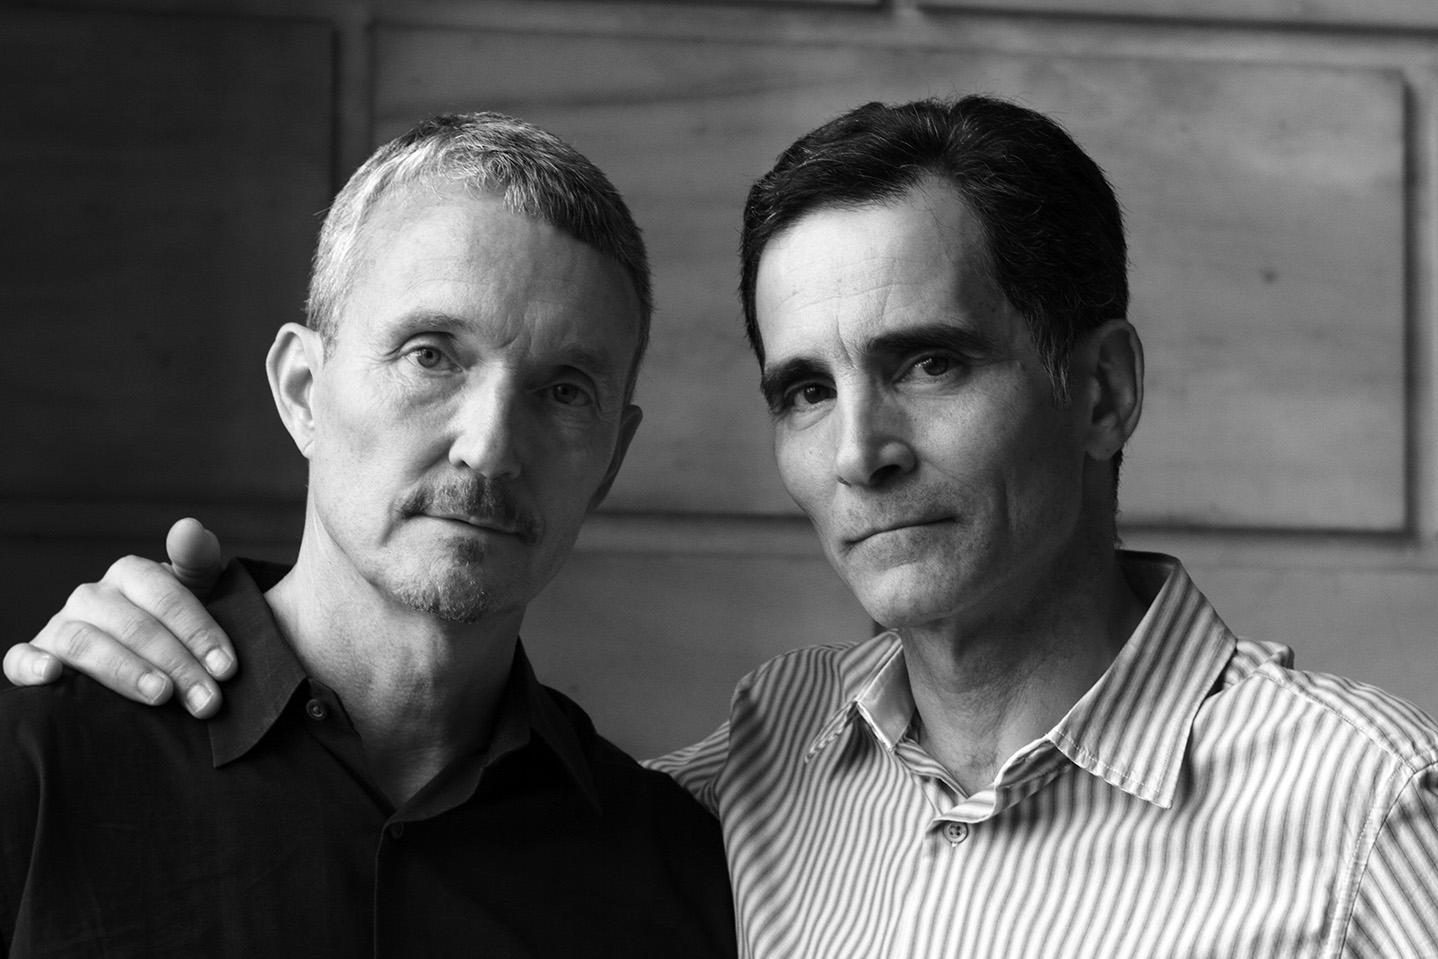 Michael and Bob